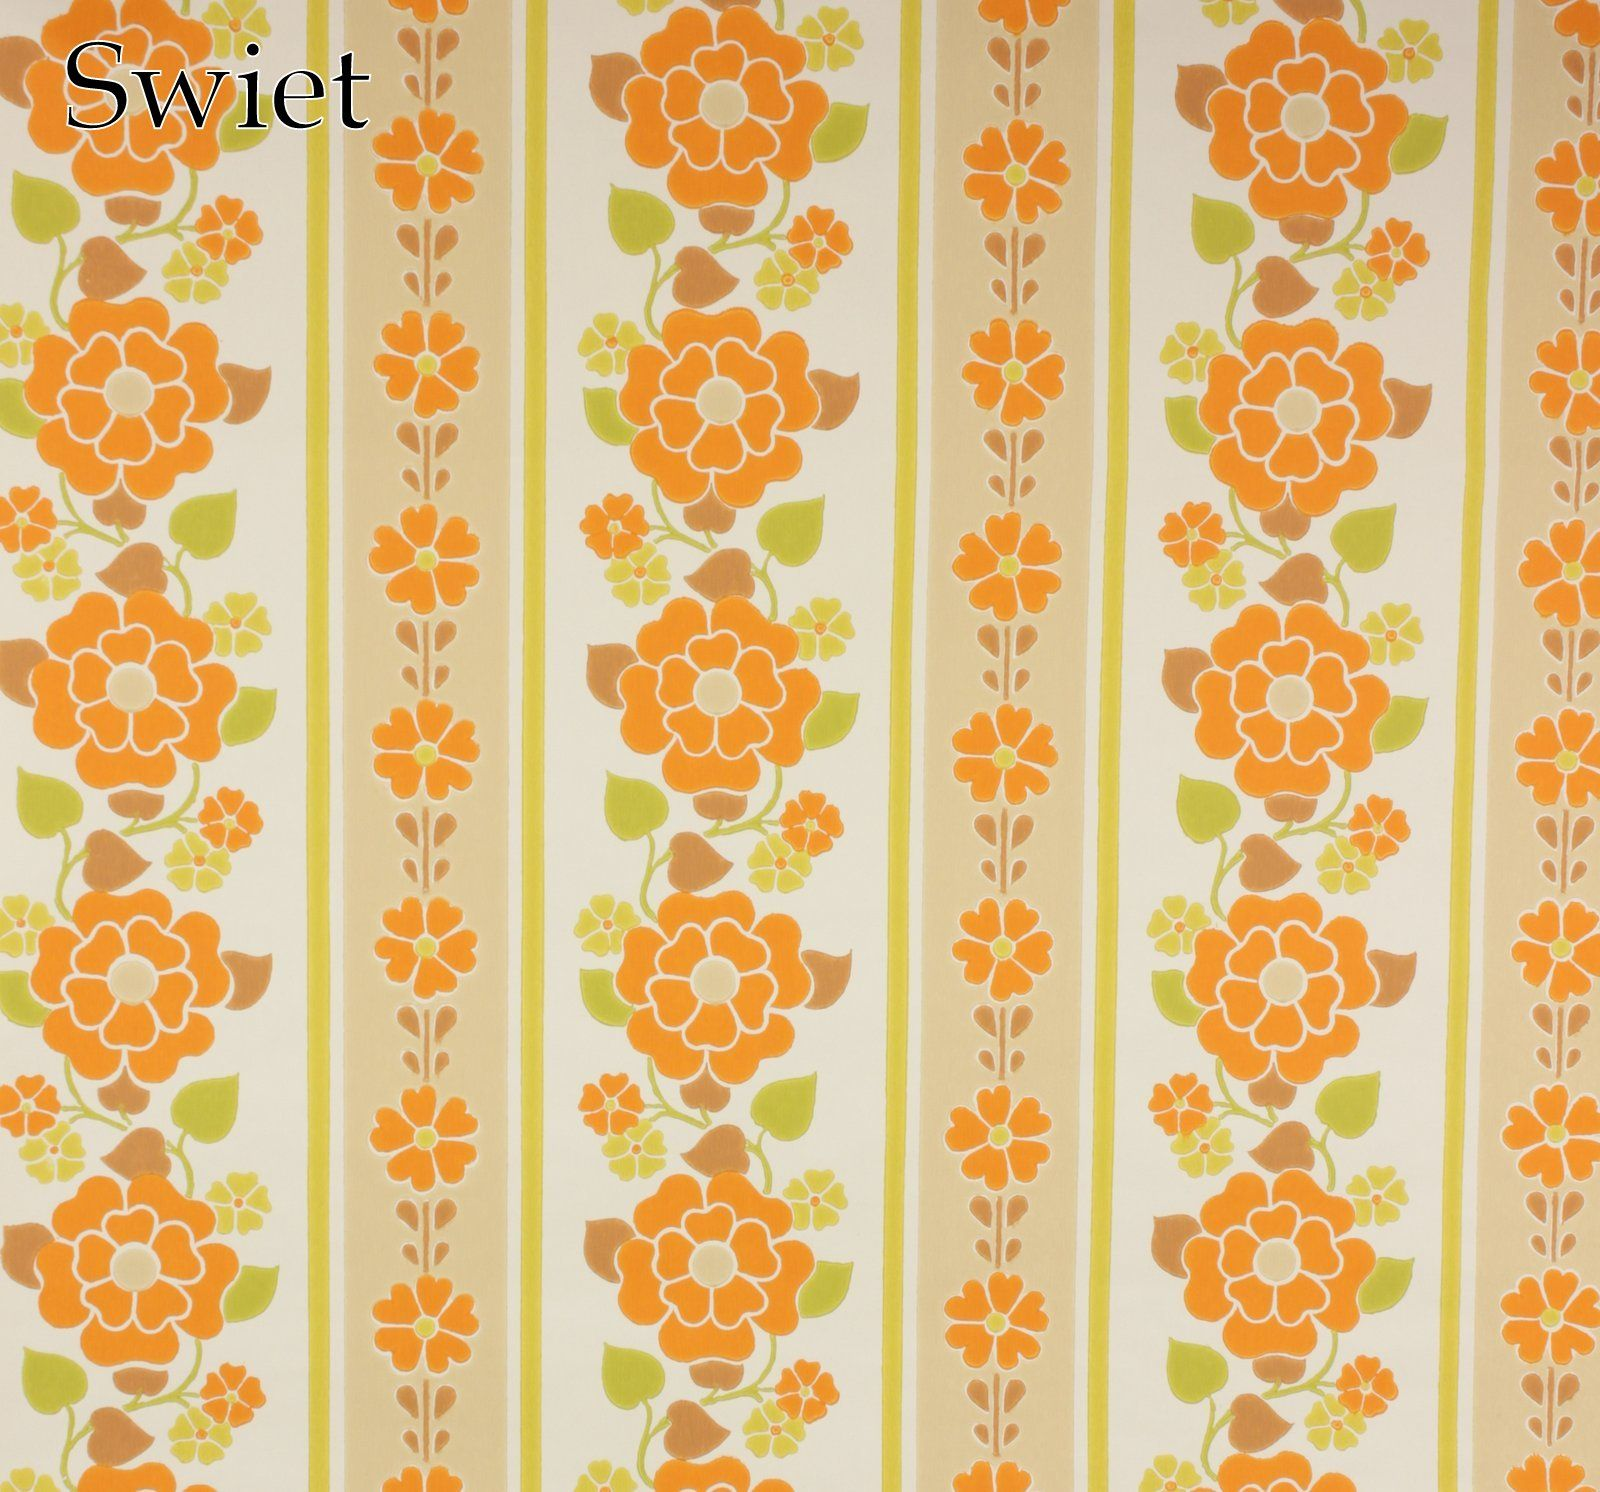 Swiet behang vintage oud retro barok behang wallpaper for Trapgat behangen